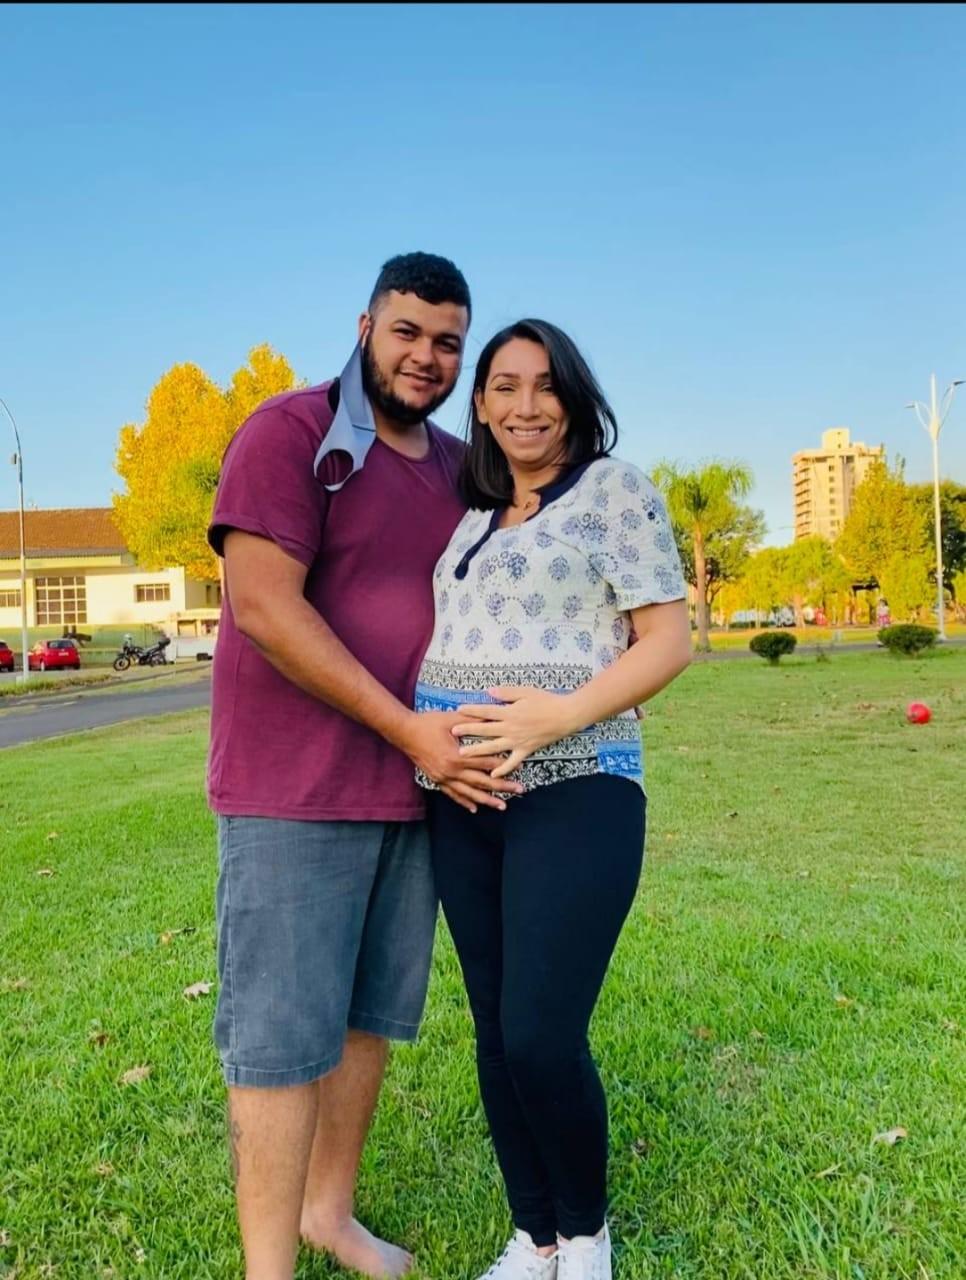 Barbeiro morre por Covid em SC dias após saber do nascimento do primeiro filho: 'Arrancou os tubos e disse que ia para casa ver', diz viúva